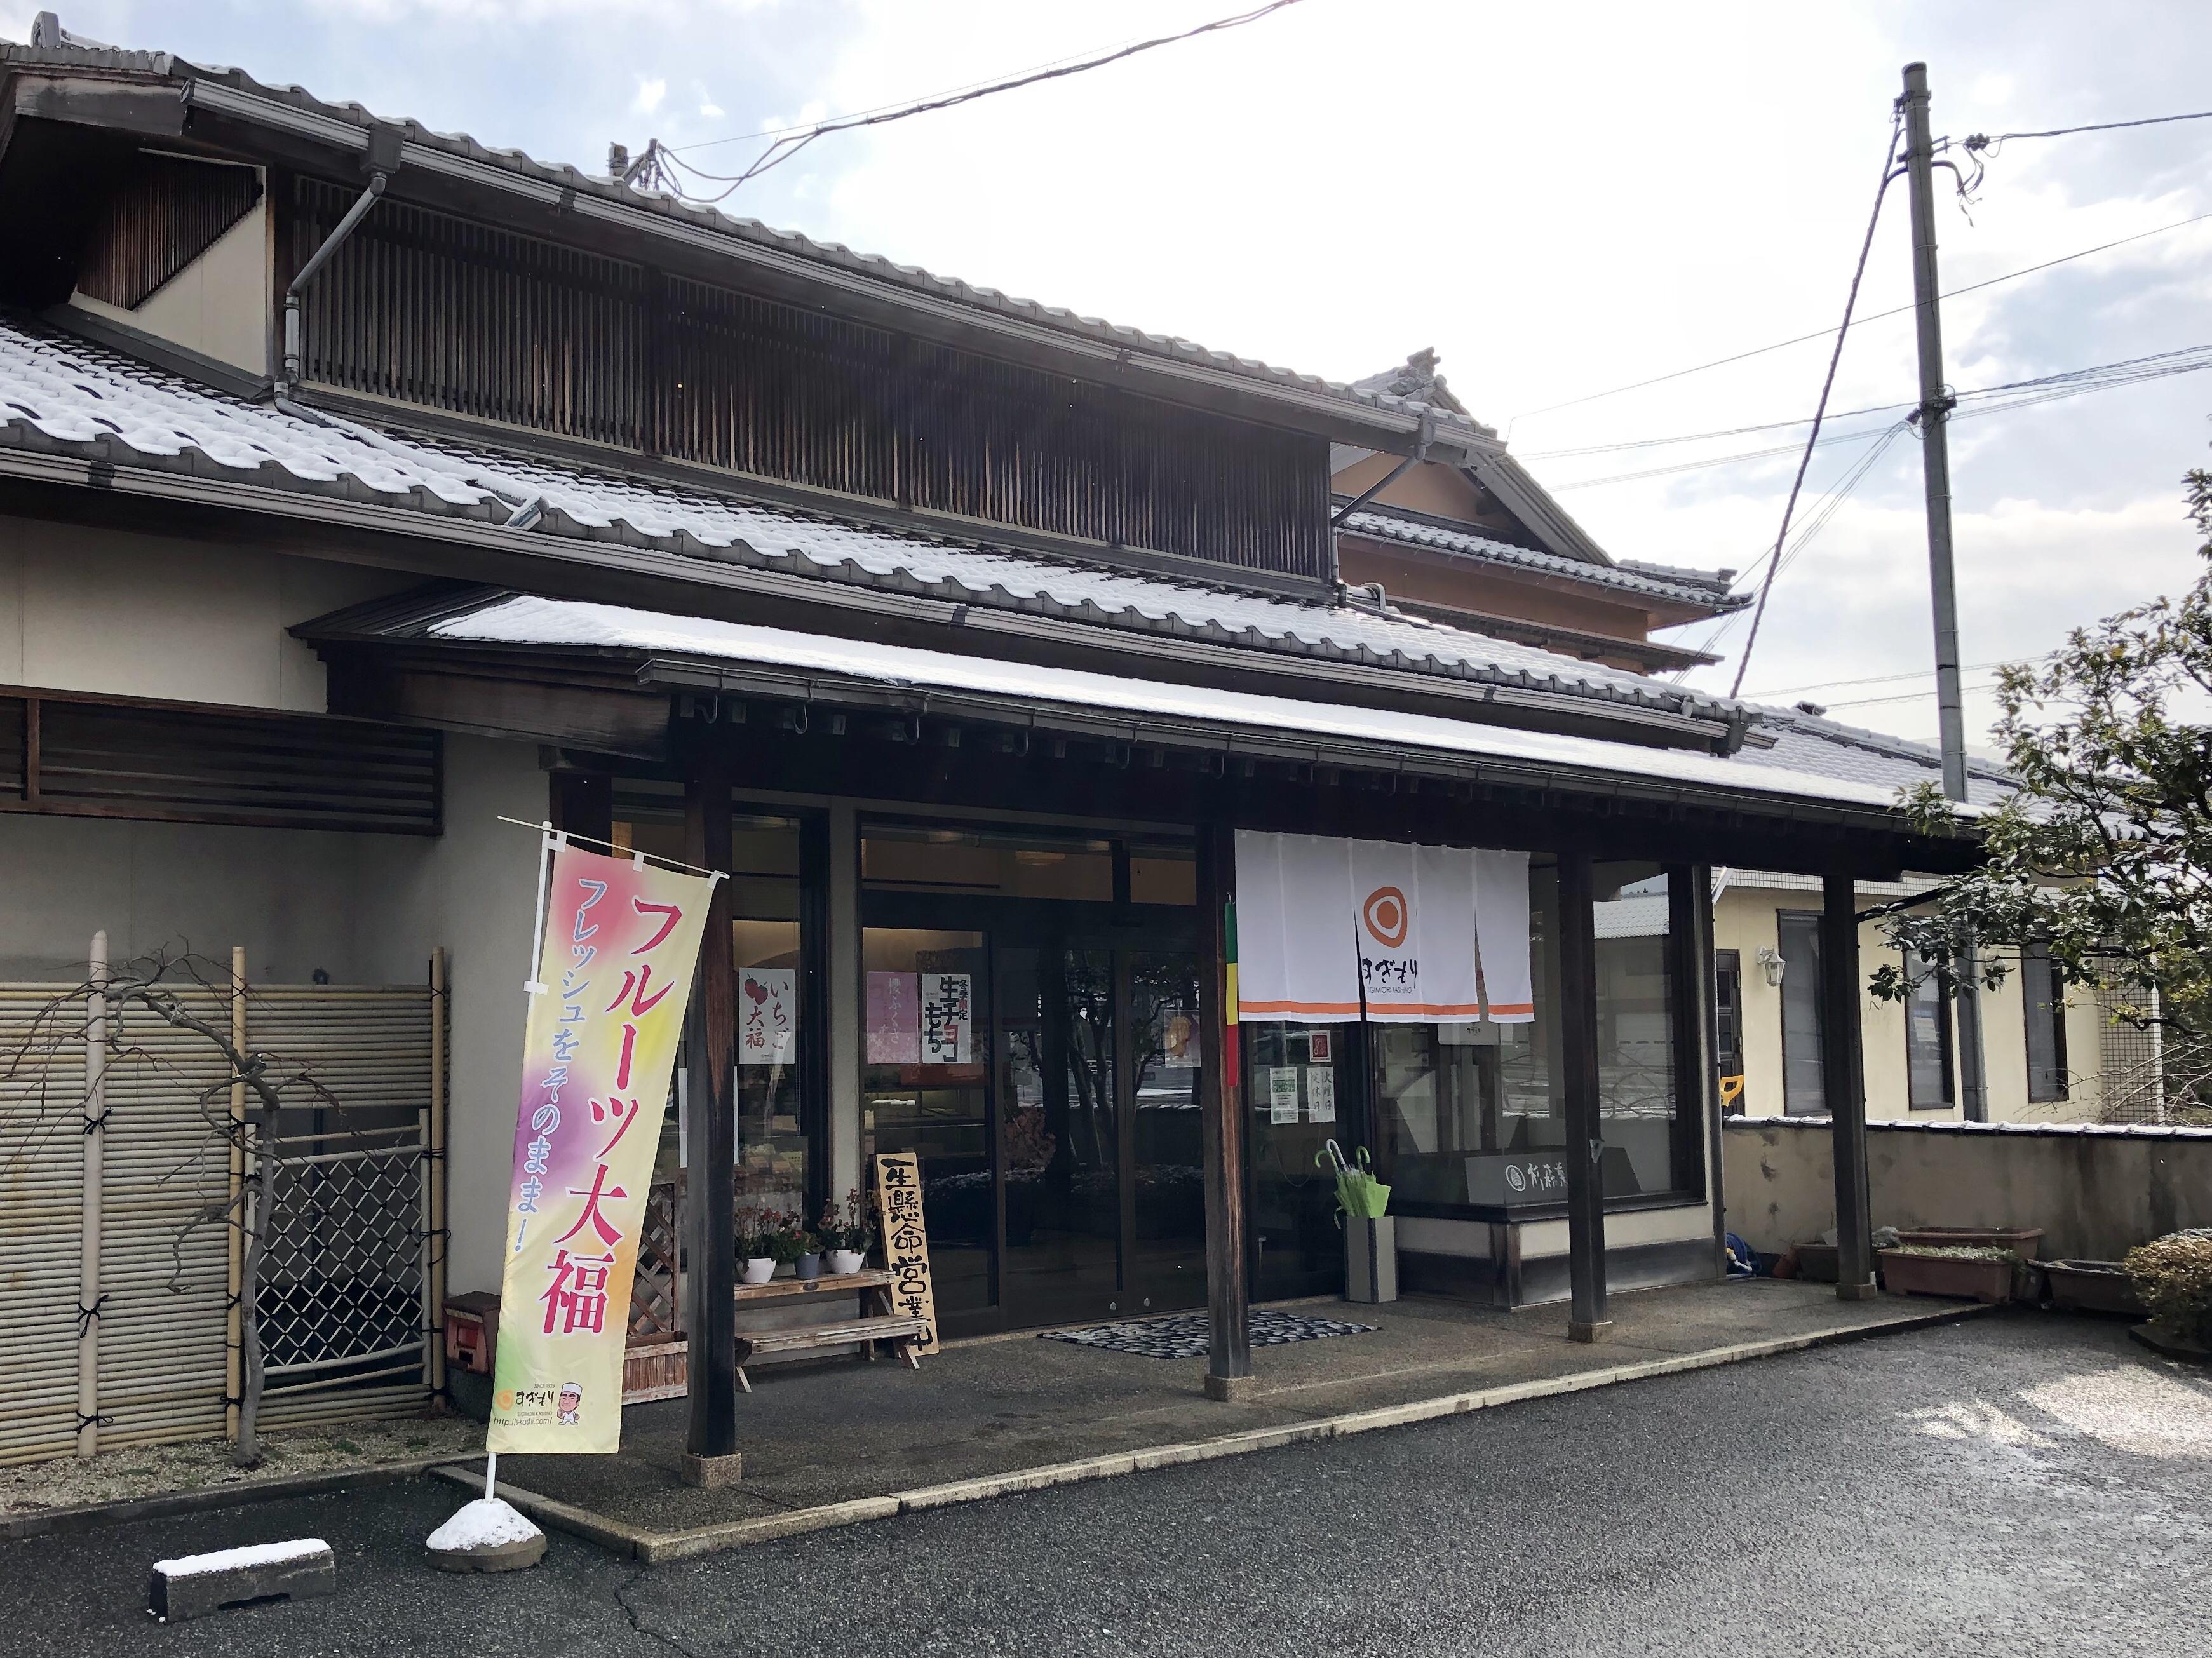 七尾市の田鶴浜の和菓子屋の杉森菓子舗